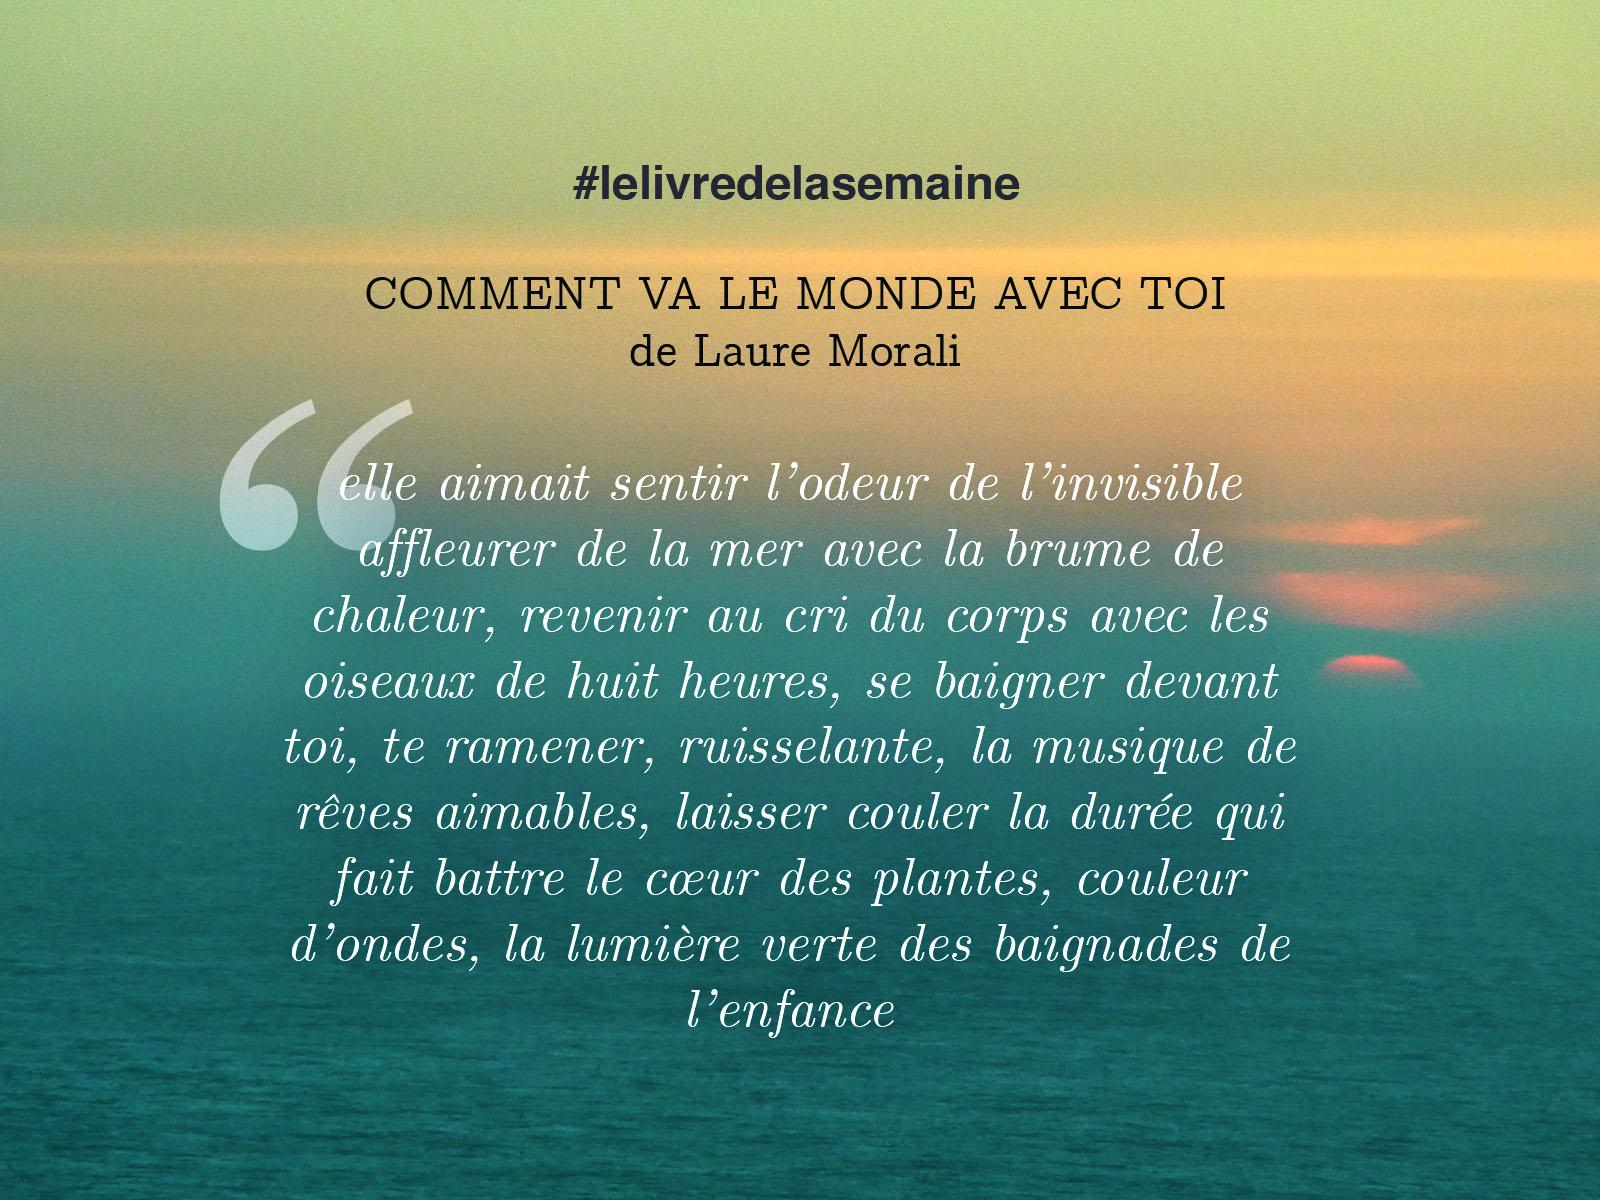 comment-02